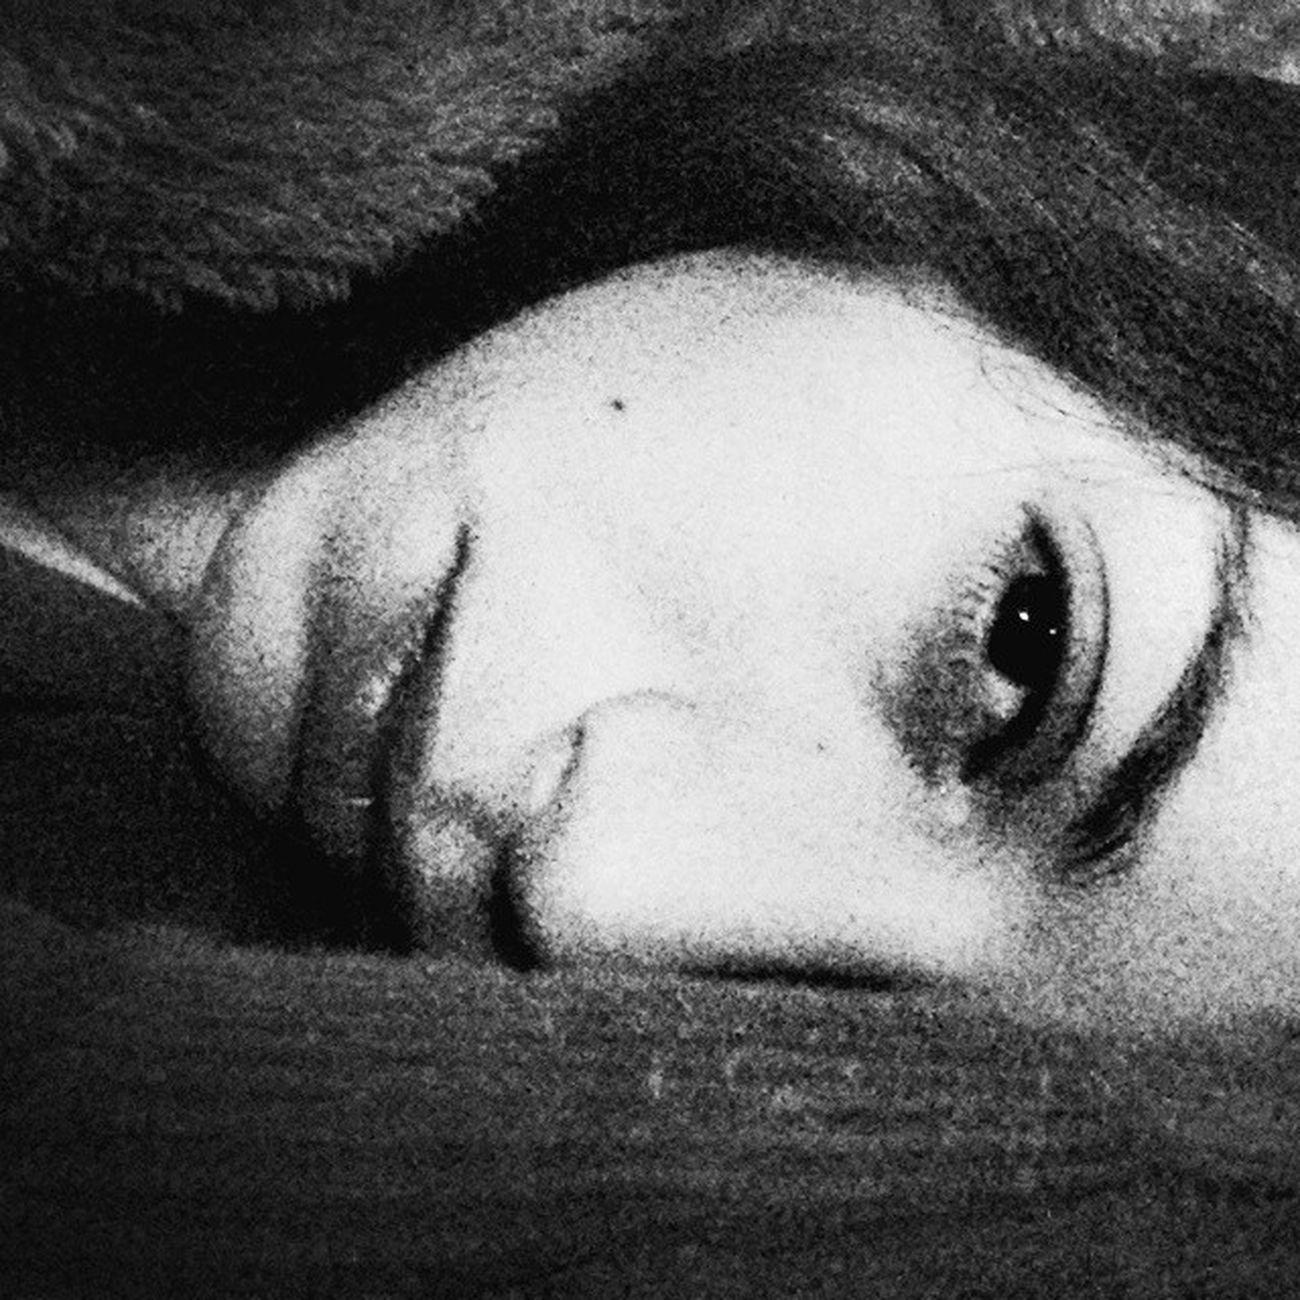 Upallnight Cold Retrato Photograph Pensamento Instaevening